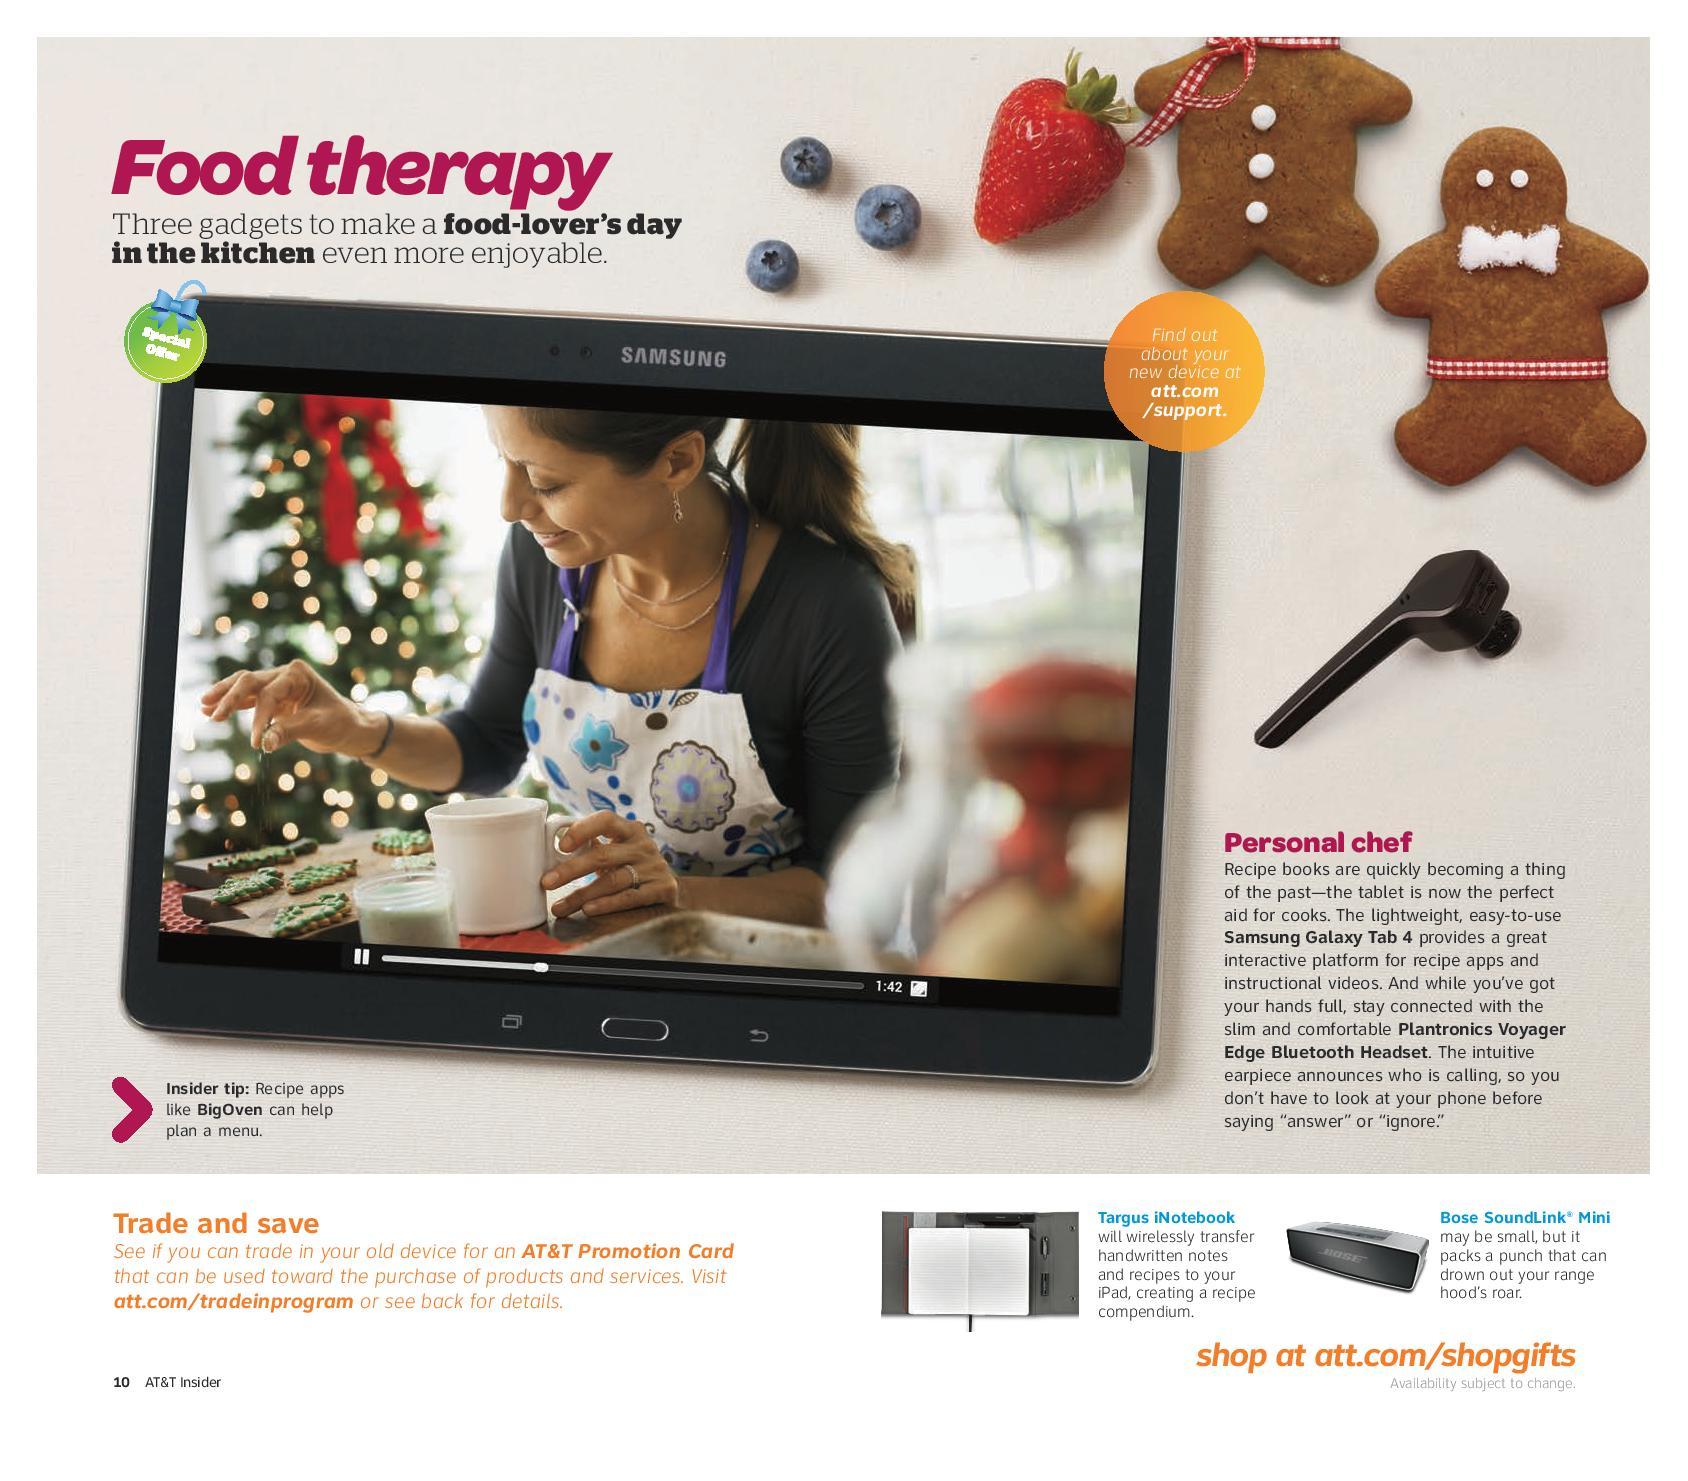 ATT_Gift_Guide_2014_Circular_reduced_12.4.14-page-006.jpg